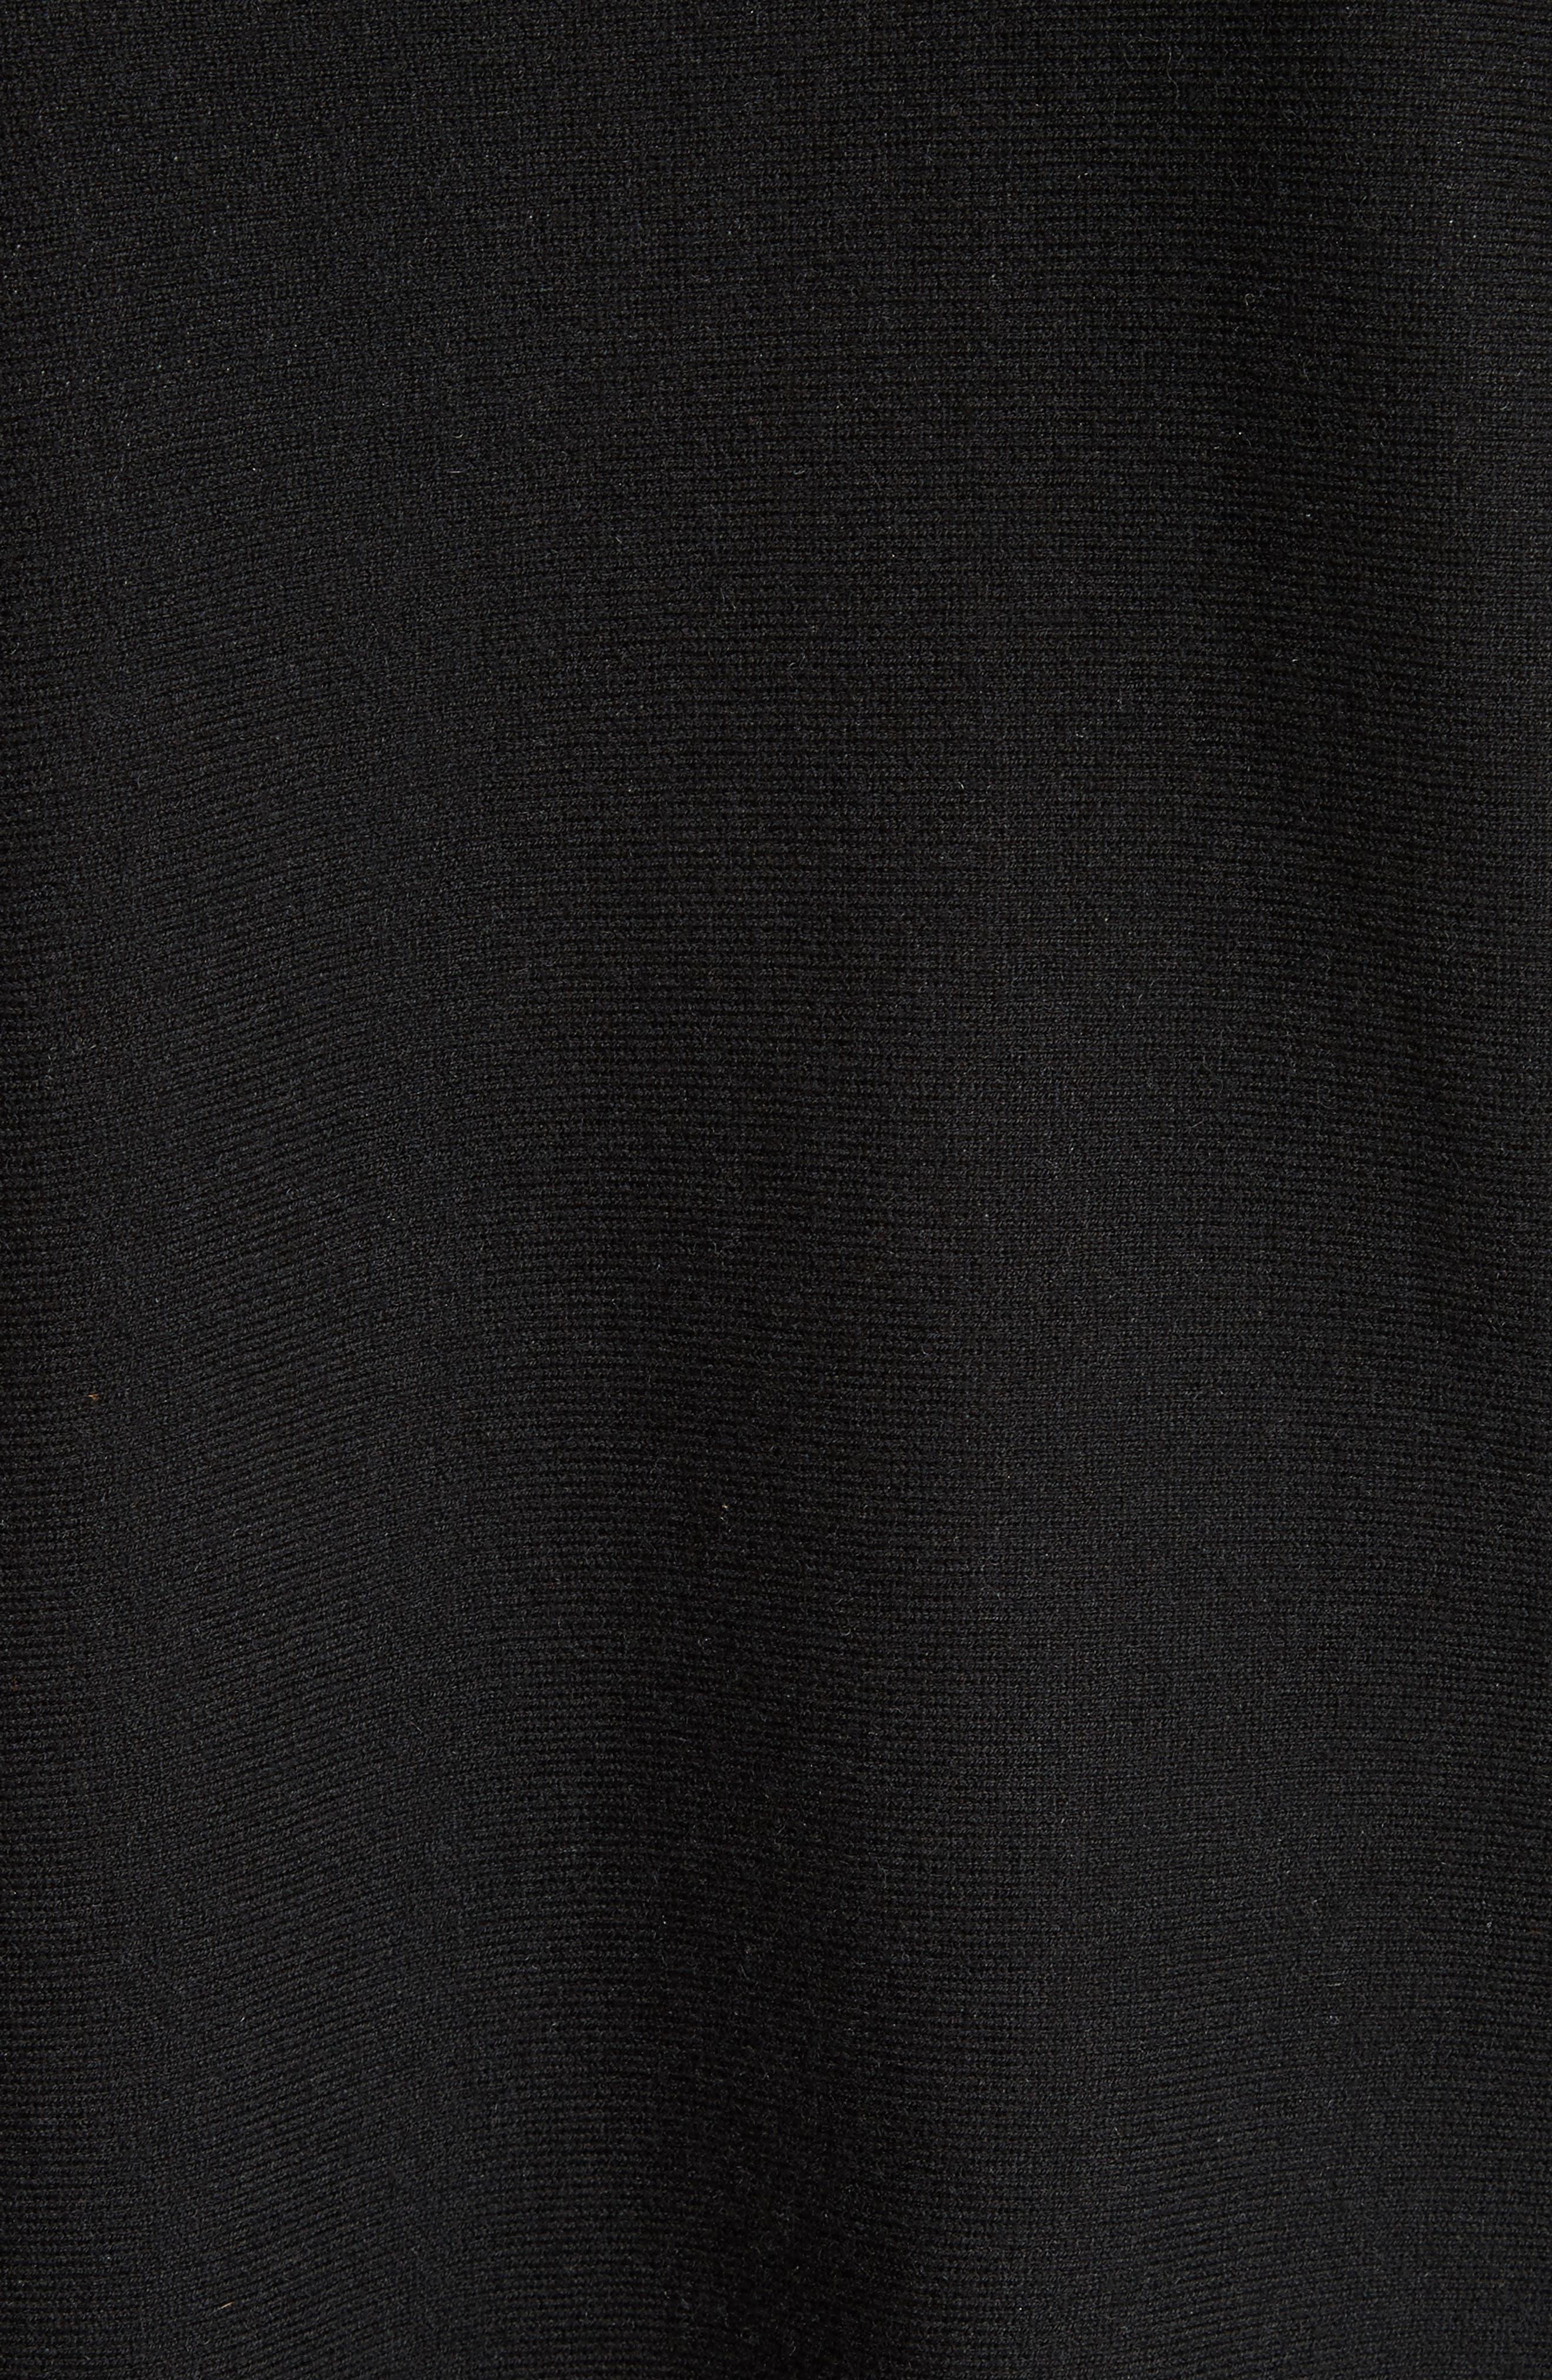 Cotton Blend Sweater,                             Alternate thumbnail 5, color,                             007